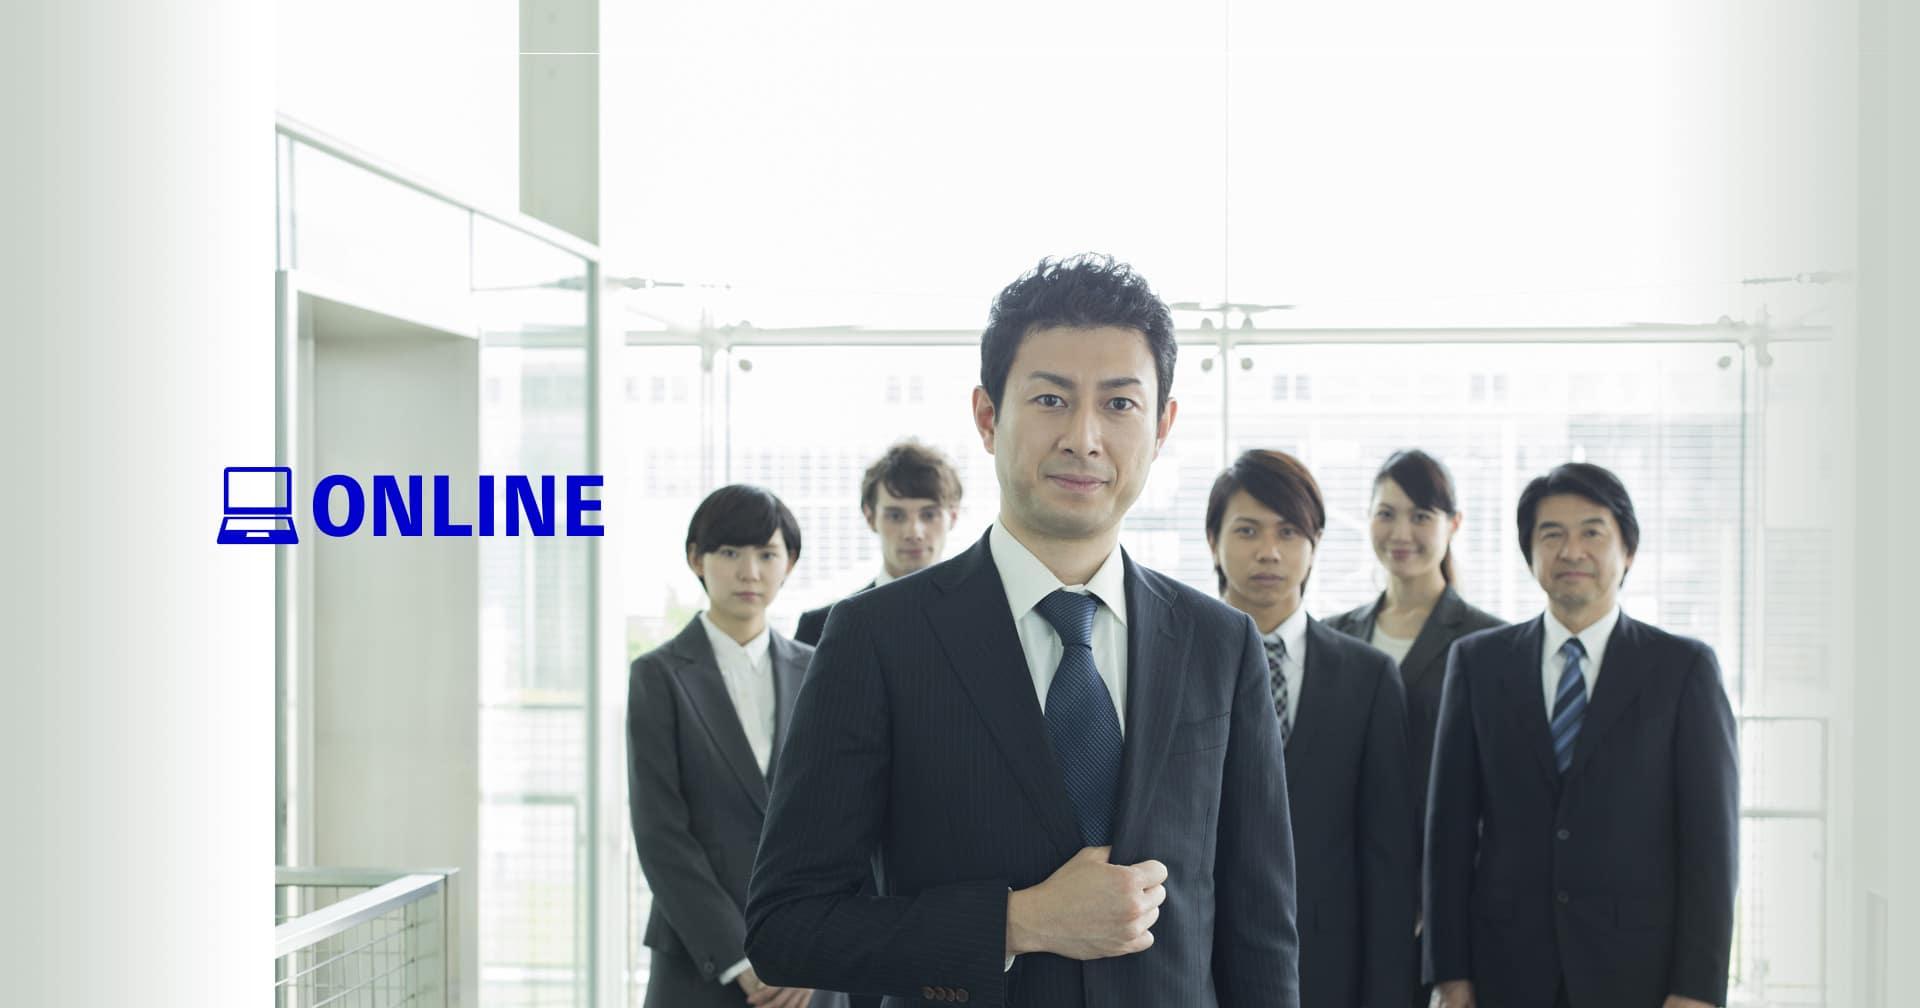 【オンライン版】部長・課長のための 人間力強化研修